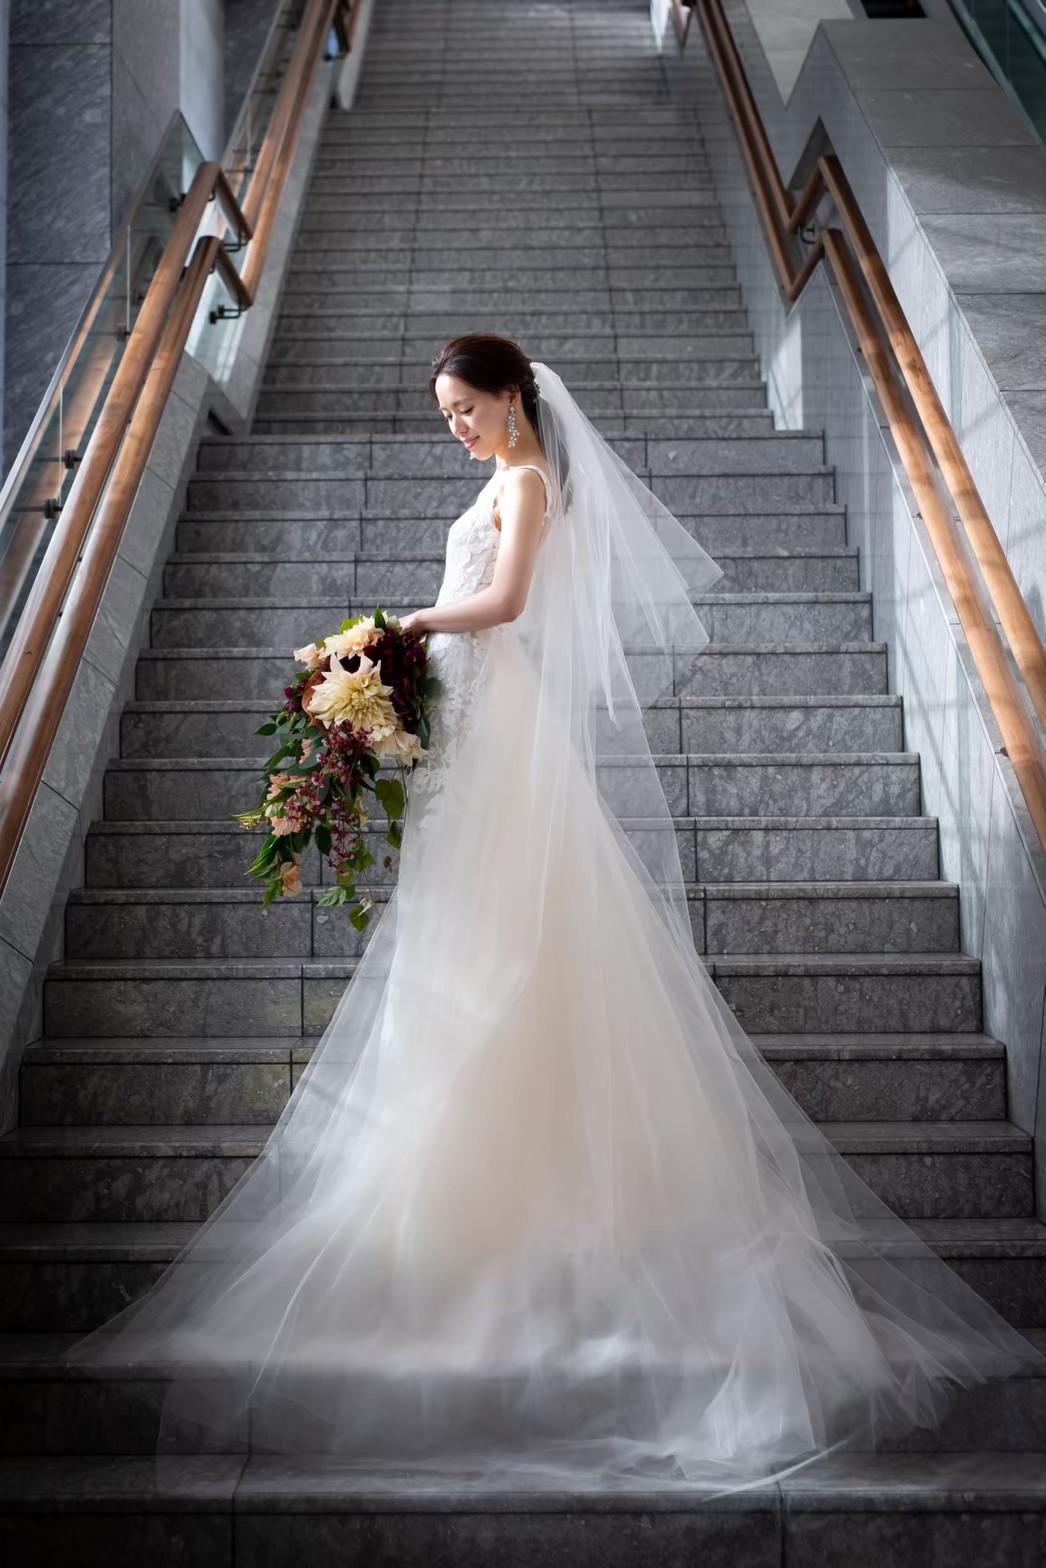 パレスホテル東京のフォトスポットである大理石の大階段には透明感たっぷりのチュールのドレスがお写真に映えます